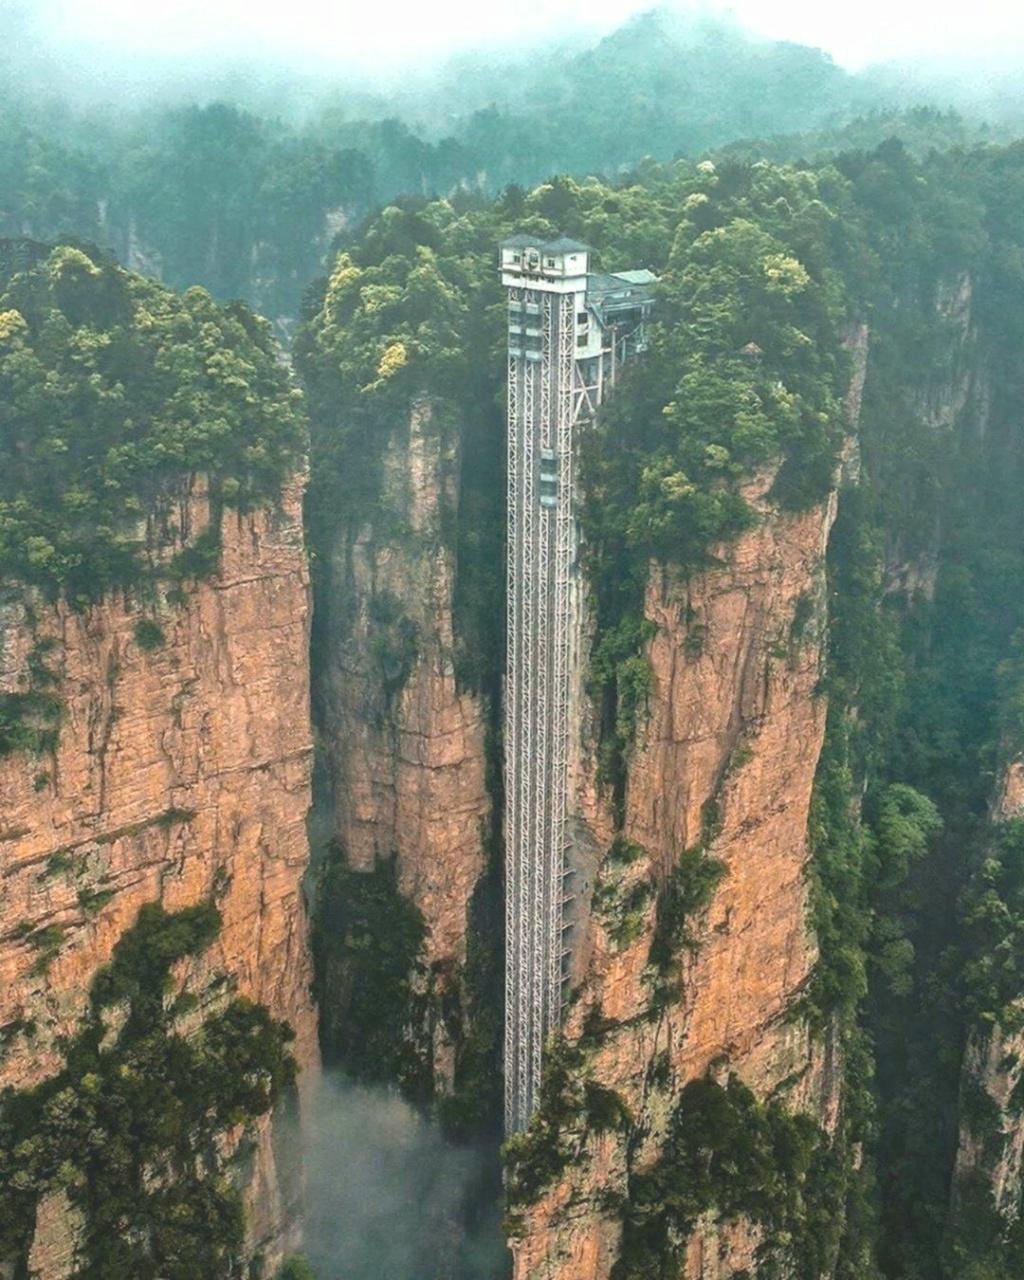 l'ascenseur extérieur le plus élevé du monde - Chine 269d3f10